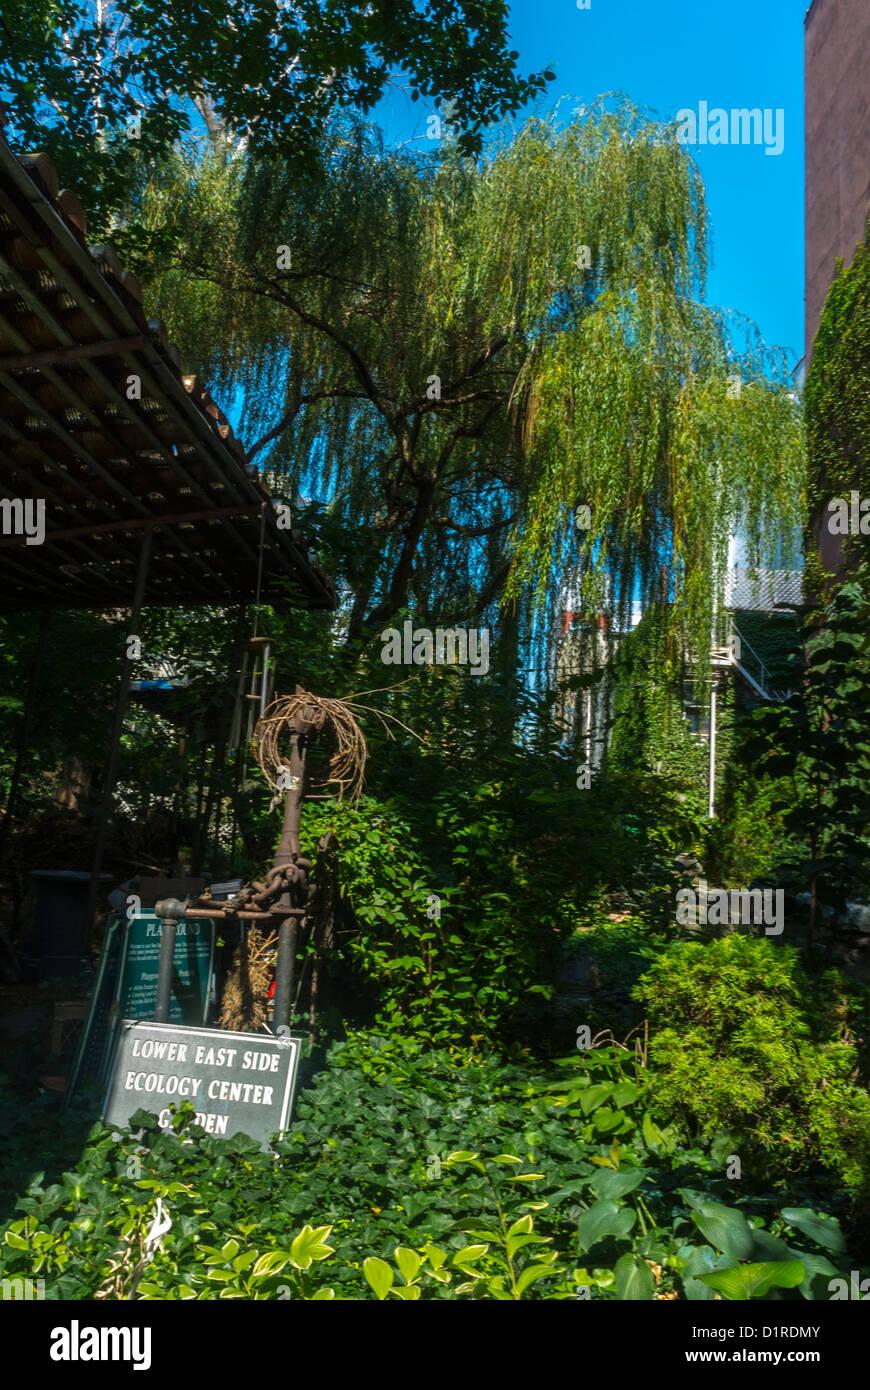 New York, East Village Sixth Street Community Garden, Scenes, Local neighbourhoods - Stock Image